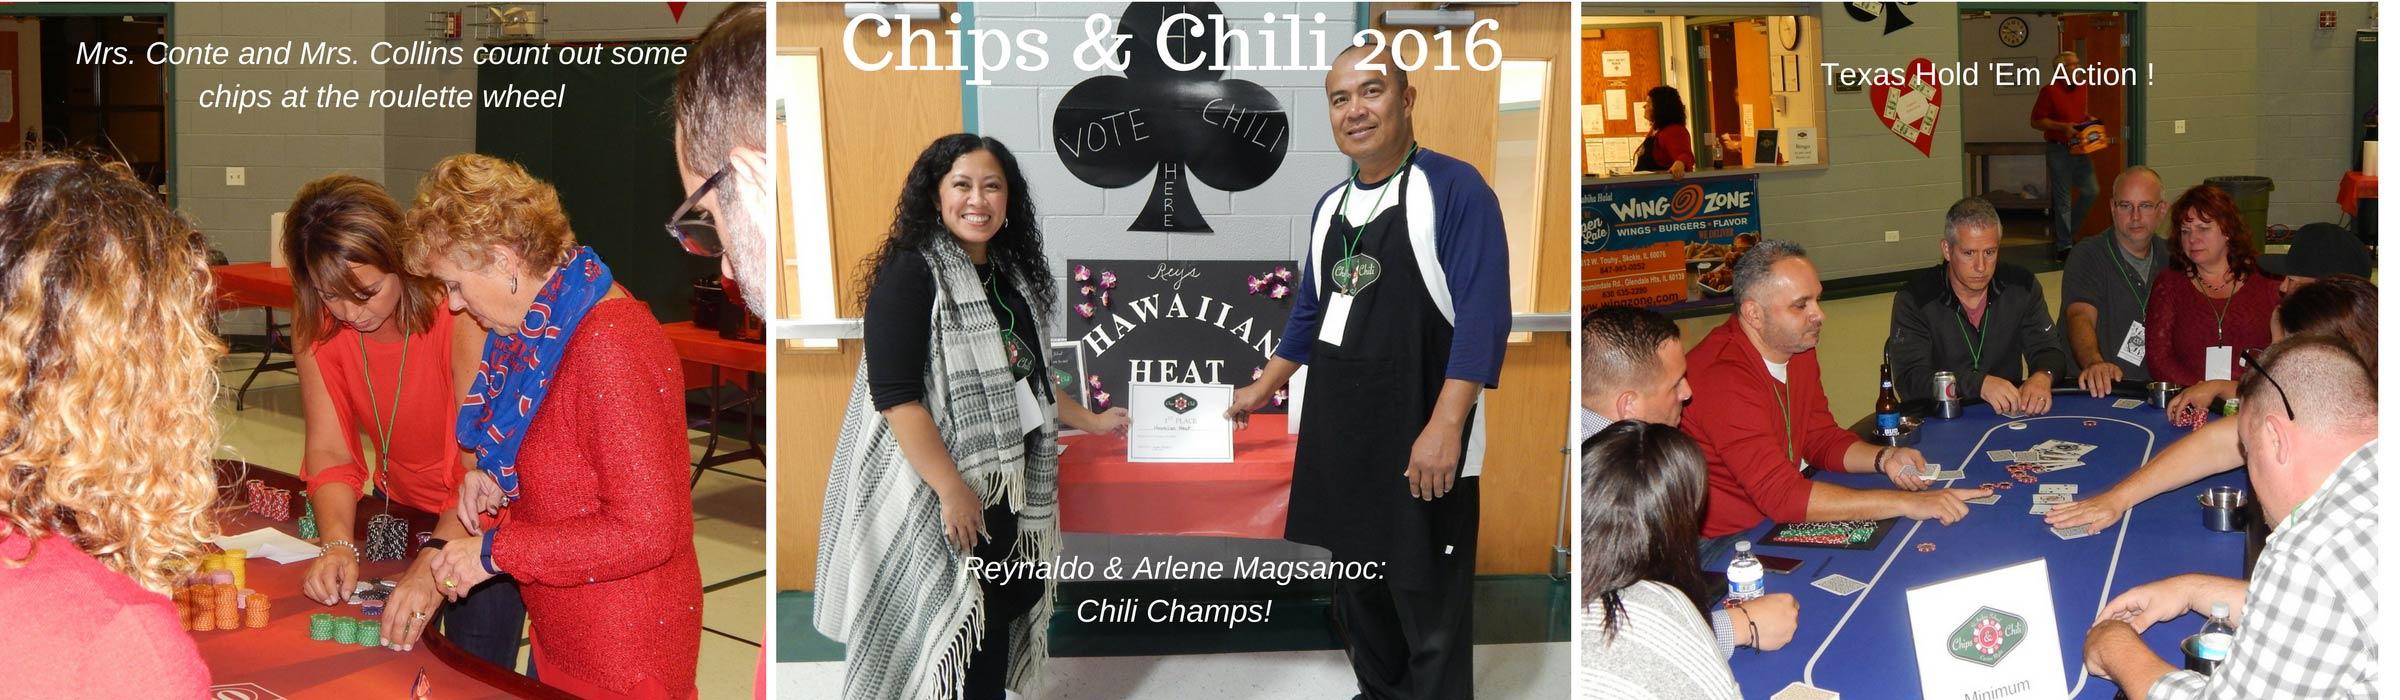 chips-chili